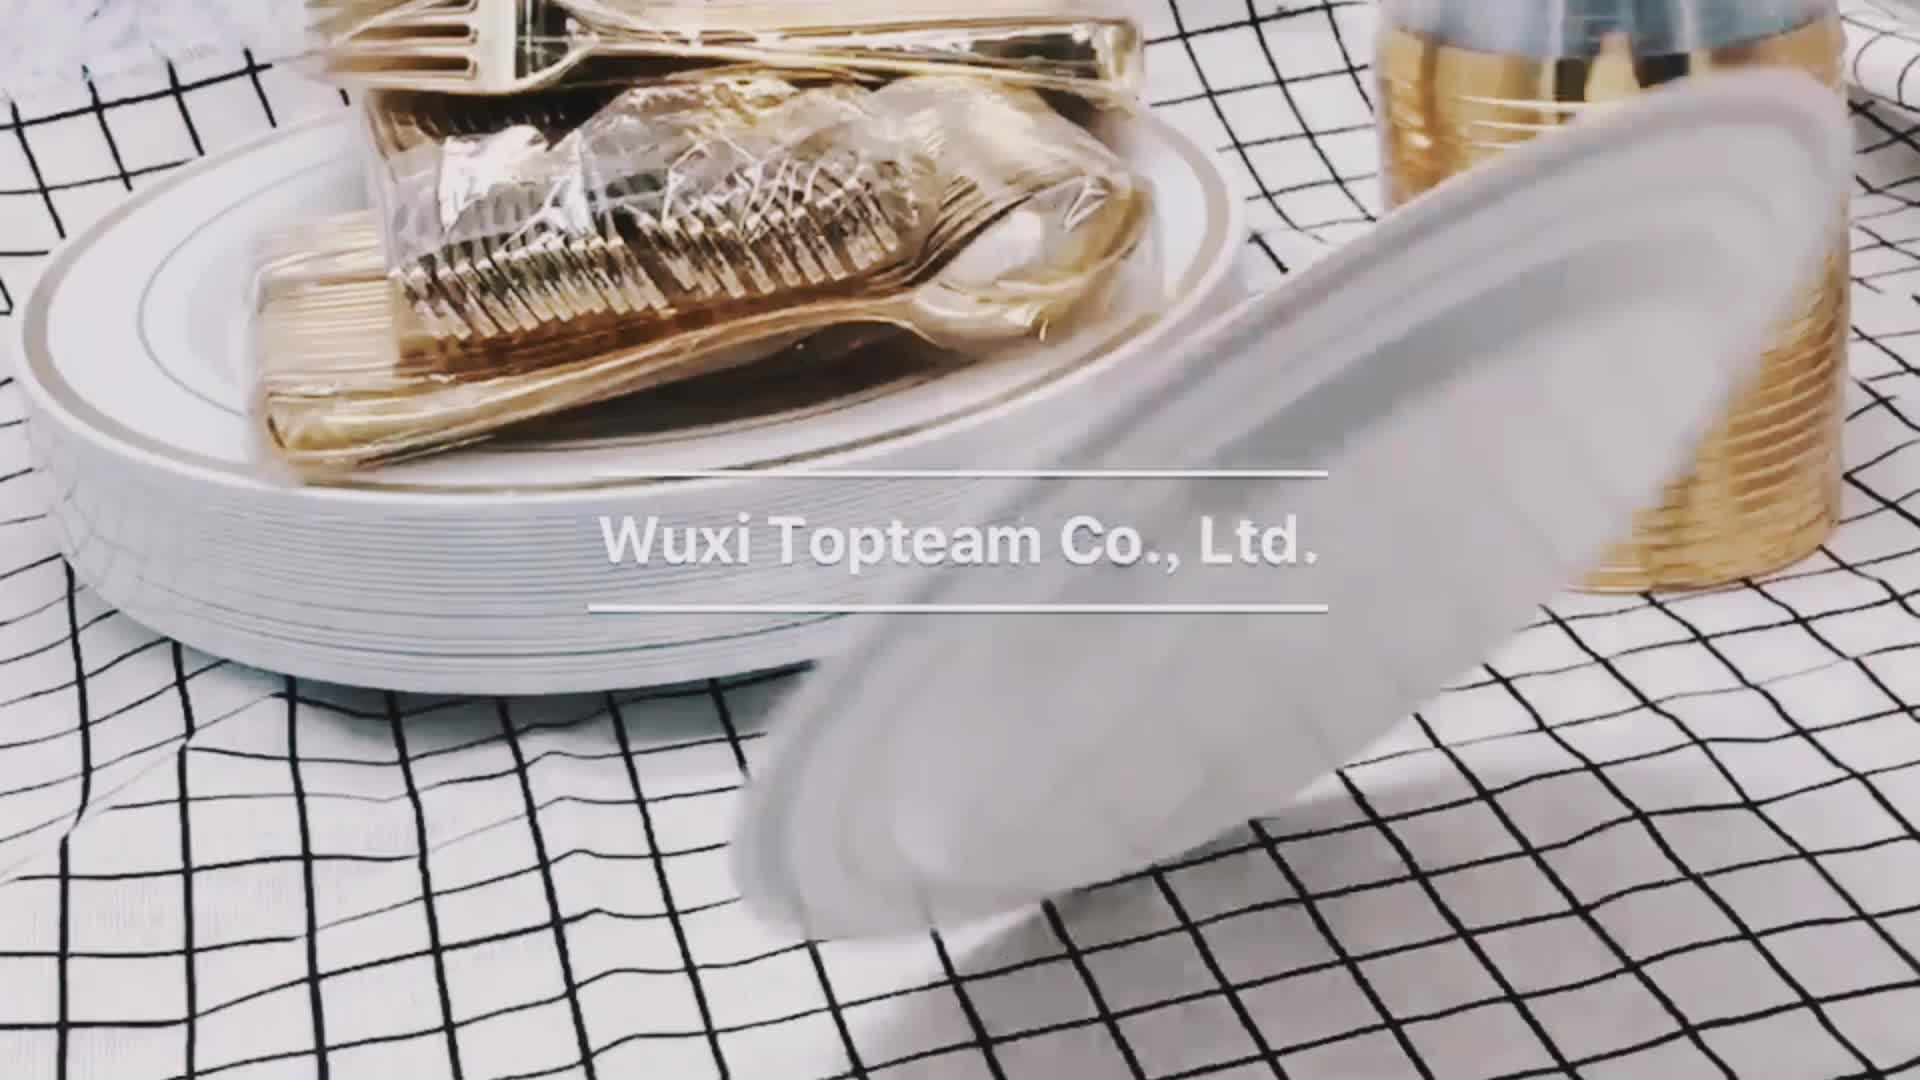 פלסטיק כלי אוכל סט למסיבות, 350 חתיכות חד פעמי זהב סט כלי אוכל